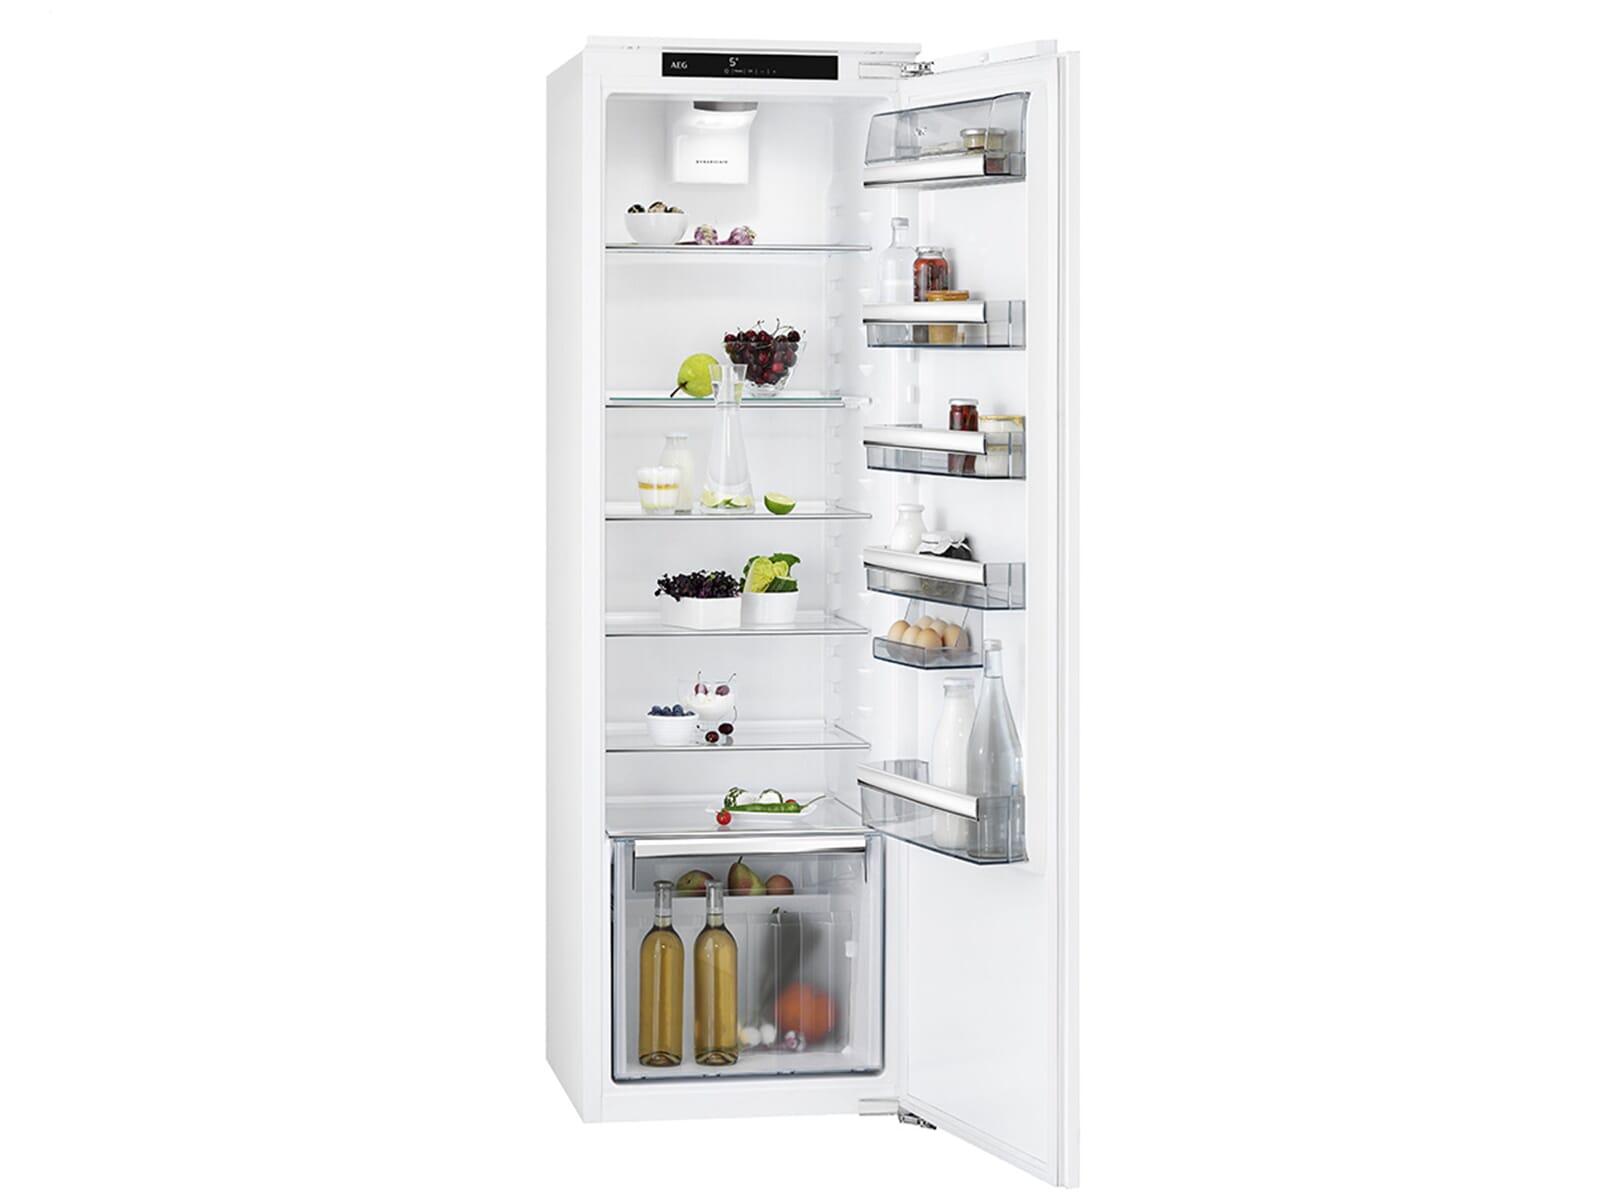 Aeg Unterbau Kühlschrank Ohne Gefrierfach : Aeg ske dc einbaukühlschrank